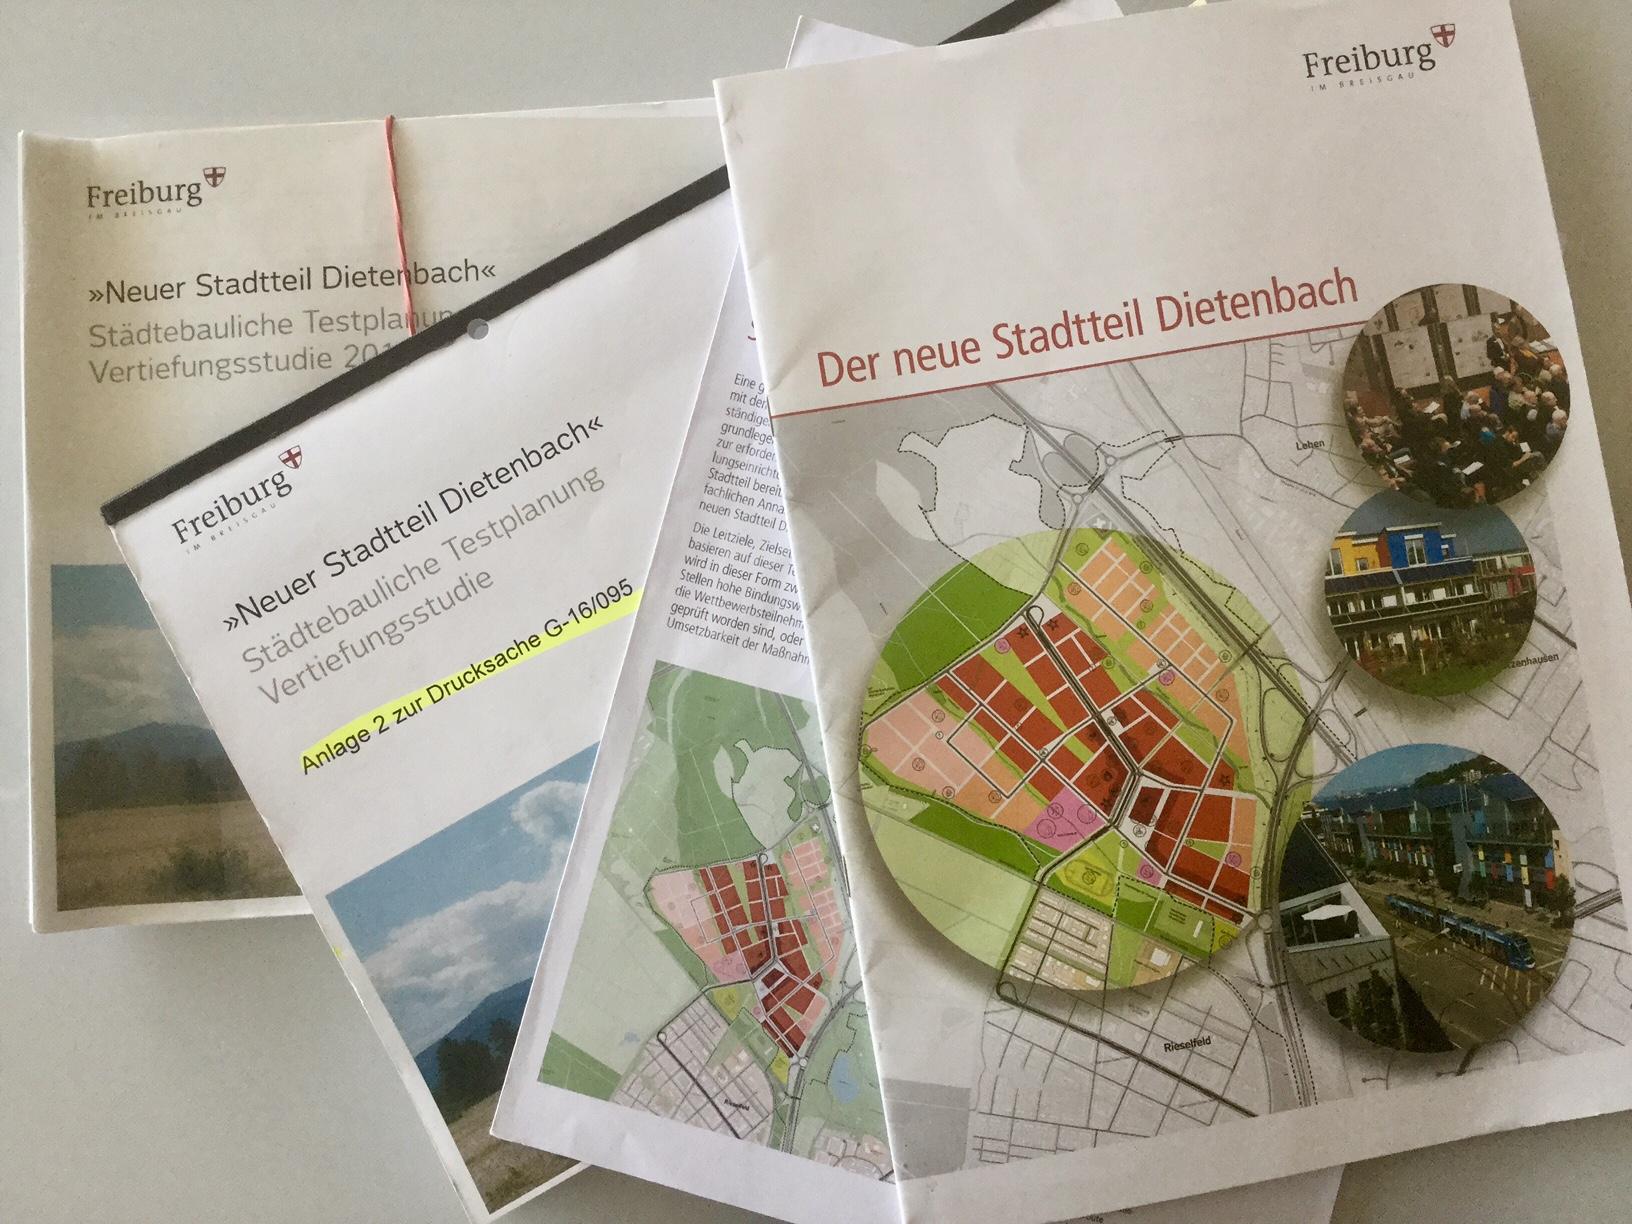 Neuer Stadtteil Dietenbach – Quote für geförderten Wohnungsbau